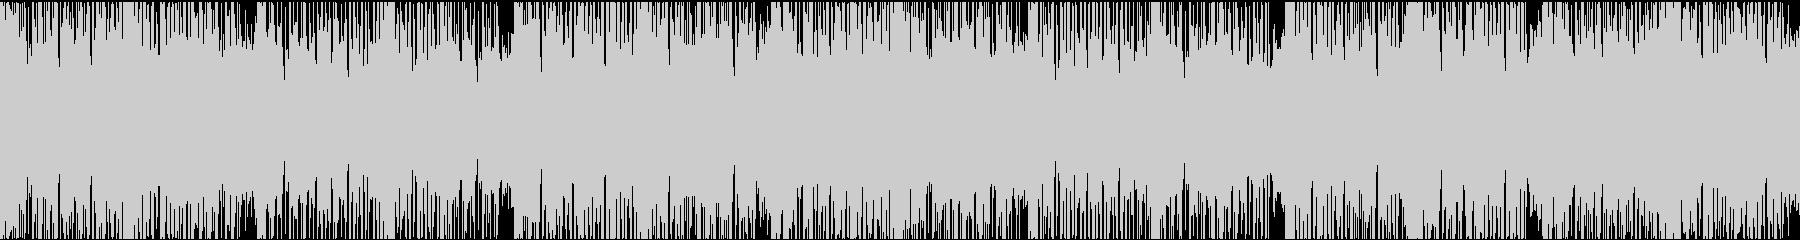 ダークなエレクトロ/ループの未再生の波形